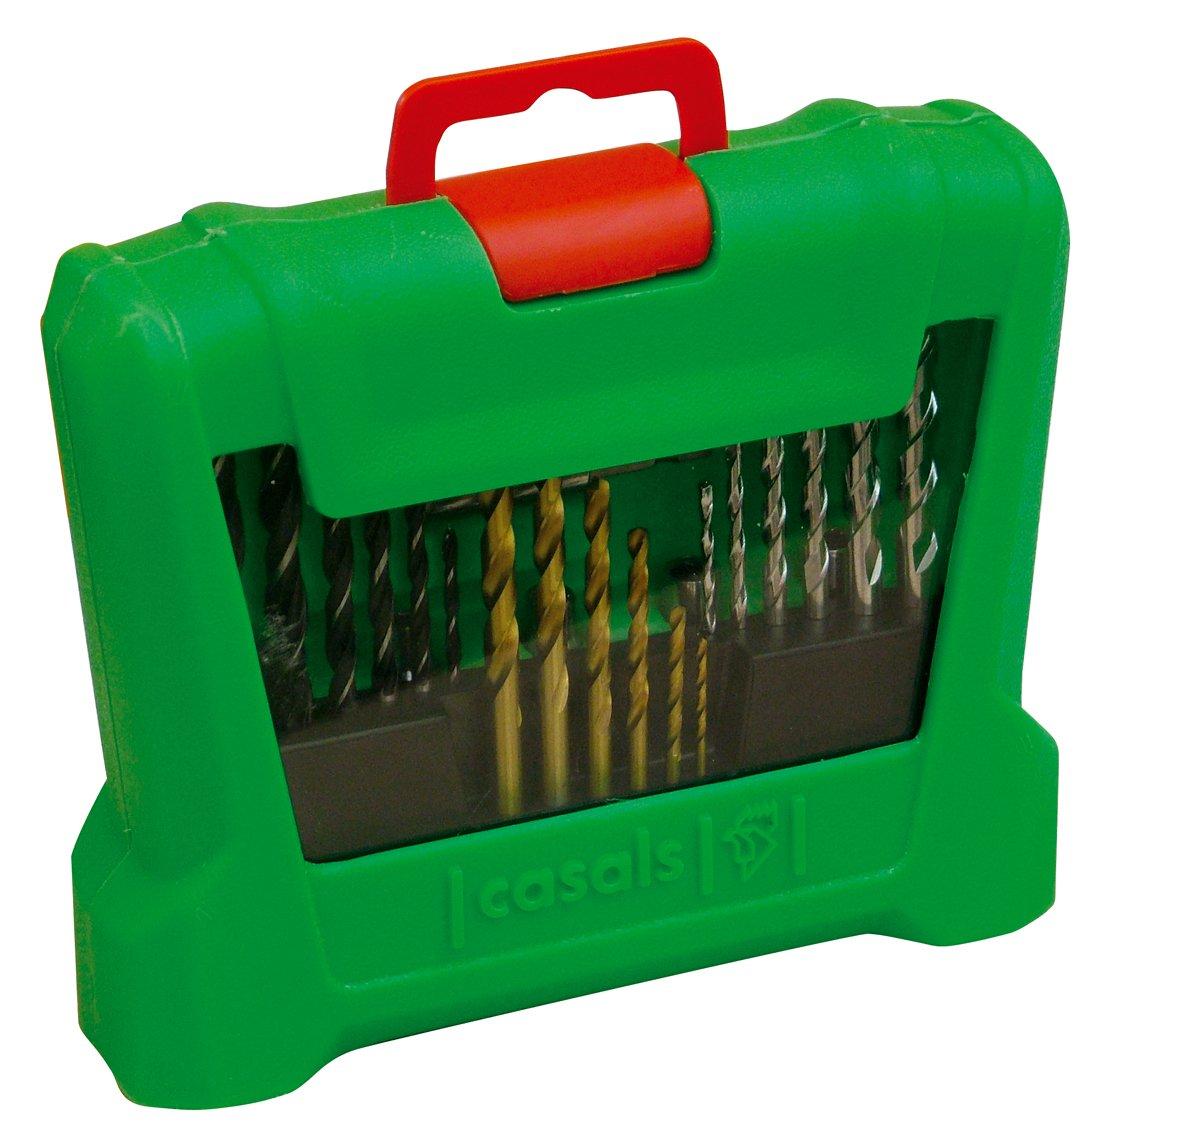 Casals M35 - Estuche de brocas y puntas de atornillar (35 piezas): Amazon.es: Bricolaje y herramientas